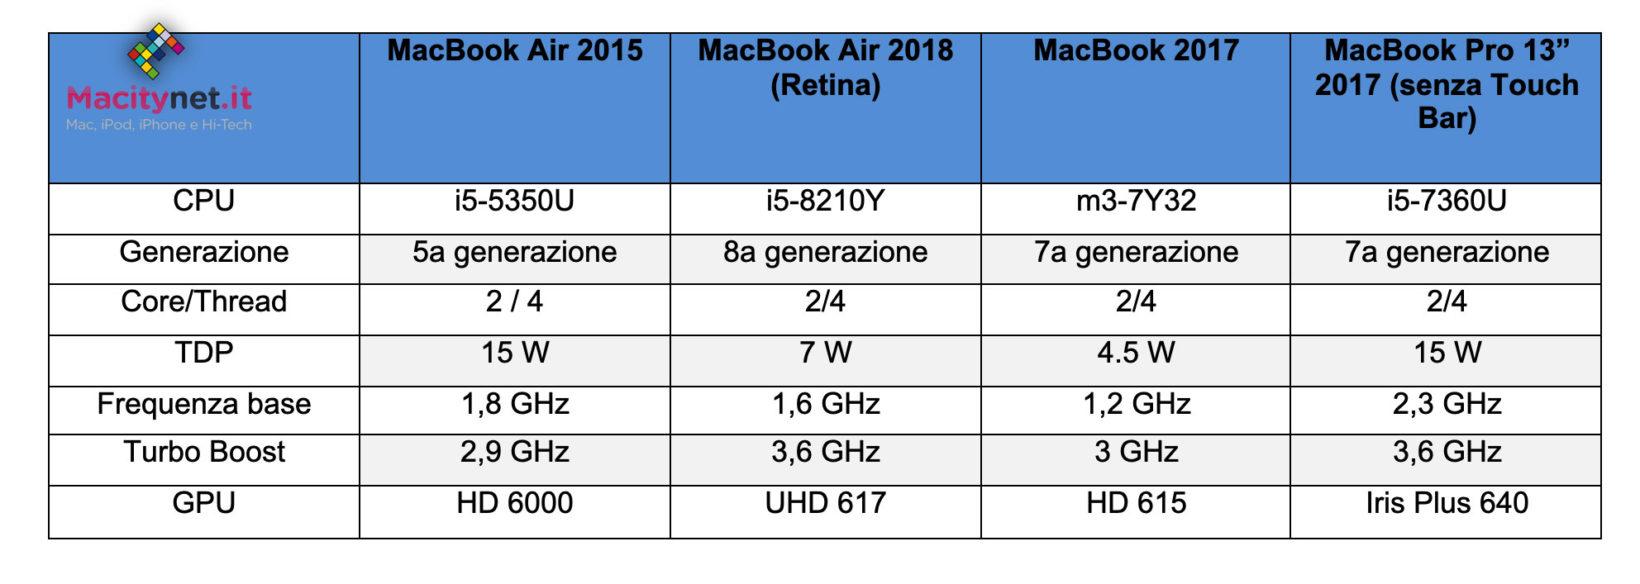 MacBook Air 2018 a confronto tecnico con altri prodotti comparabili